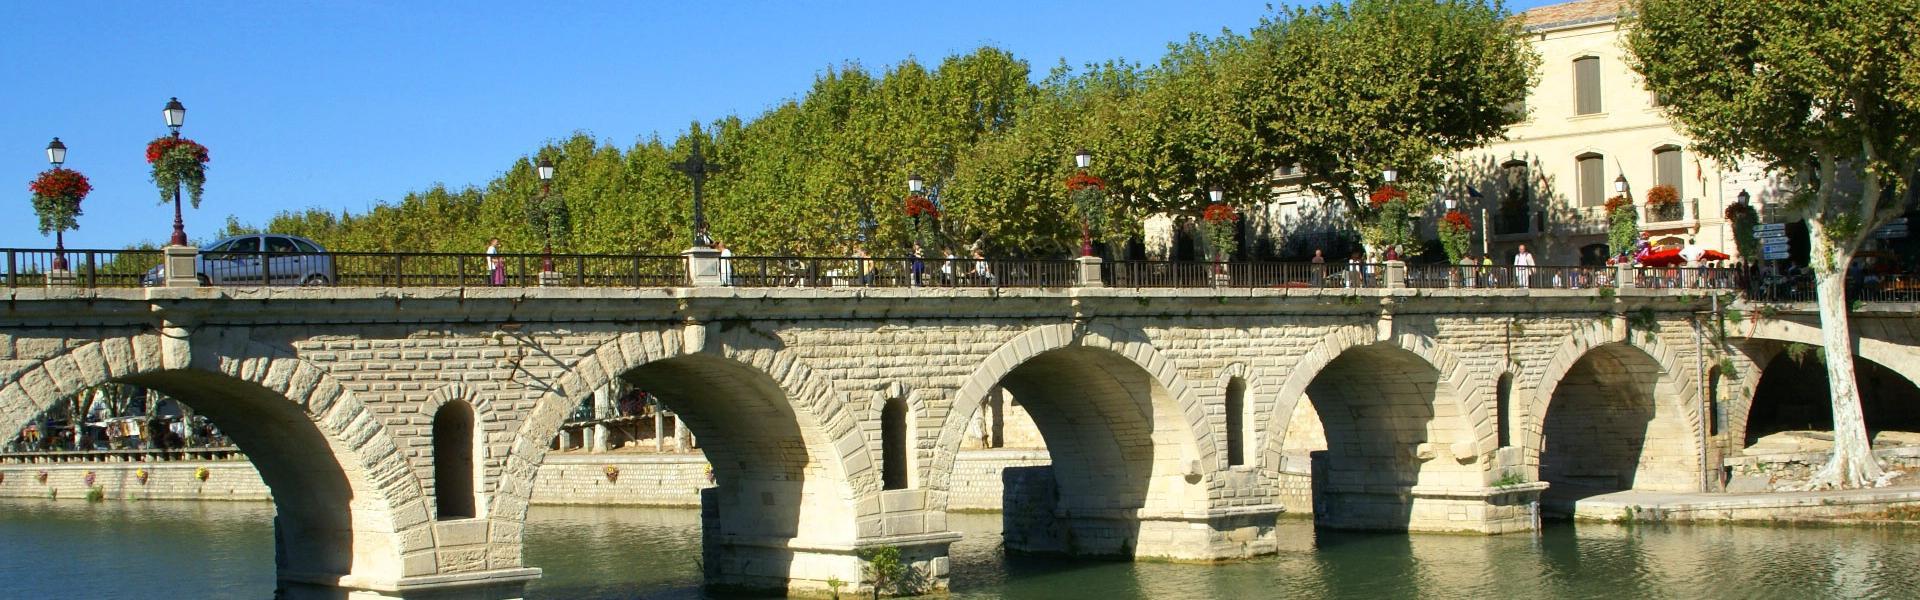 Pont romain de Sommières